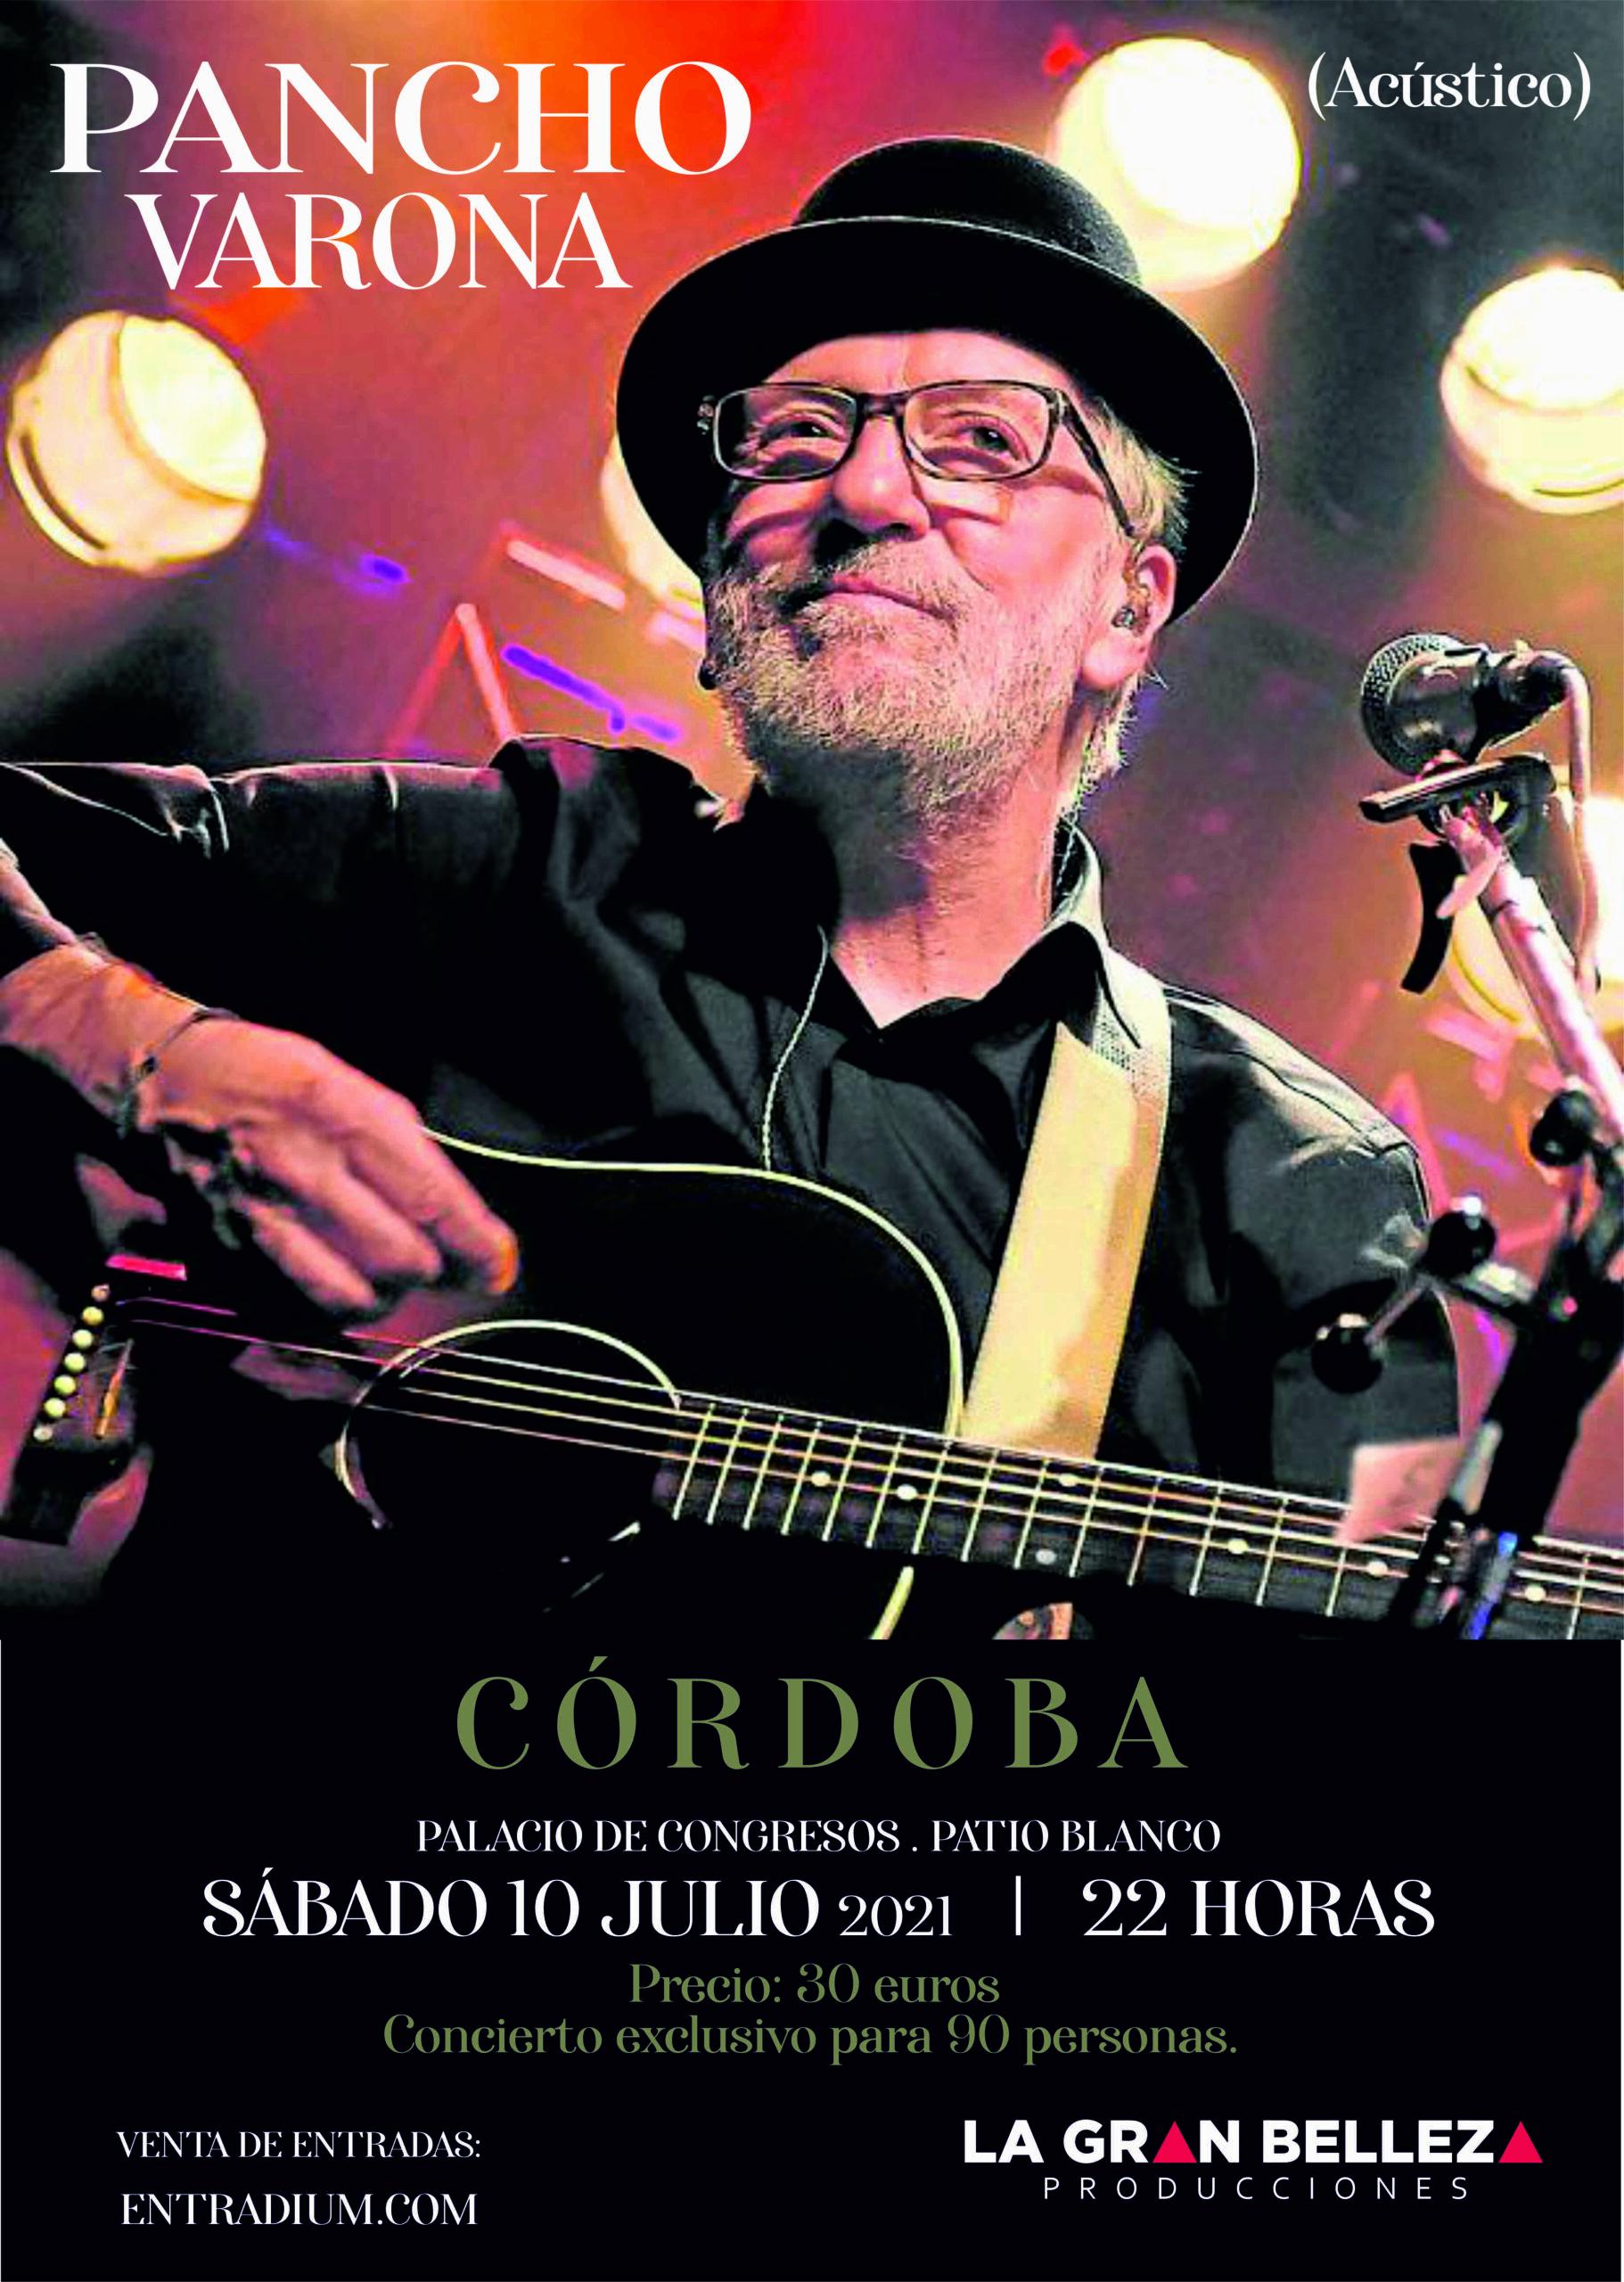 Pancho Varona en Córdoba